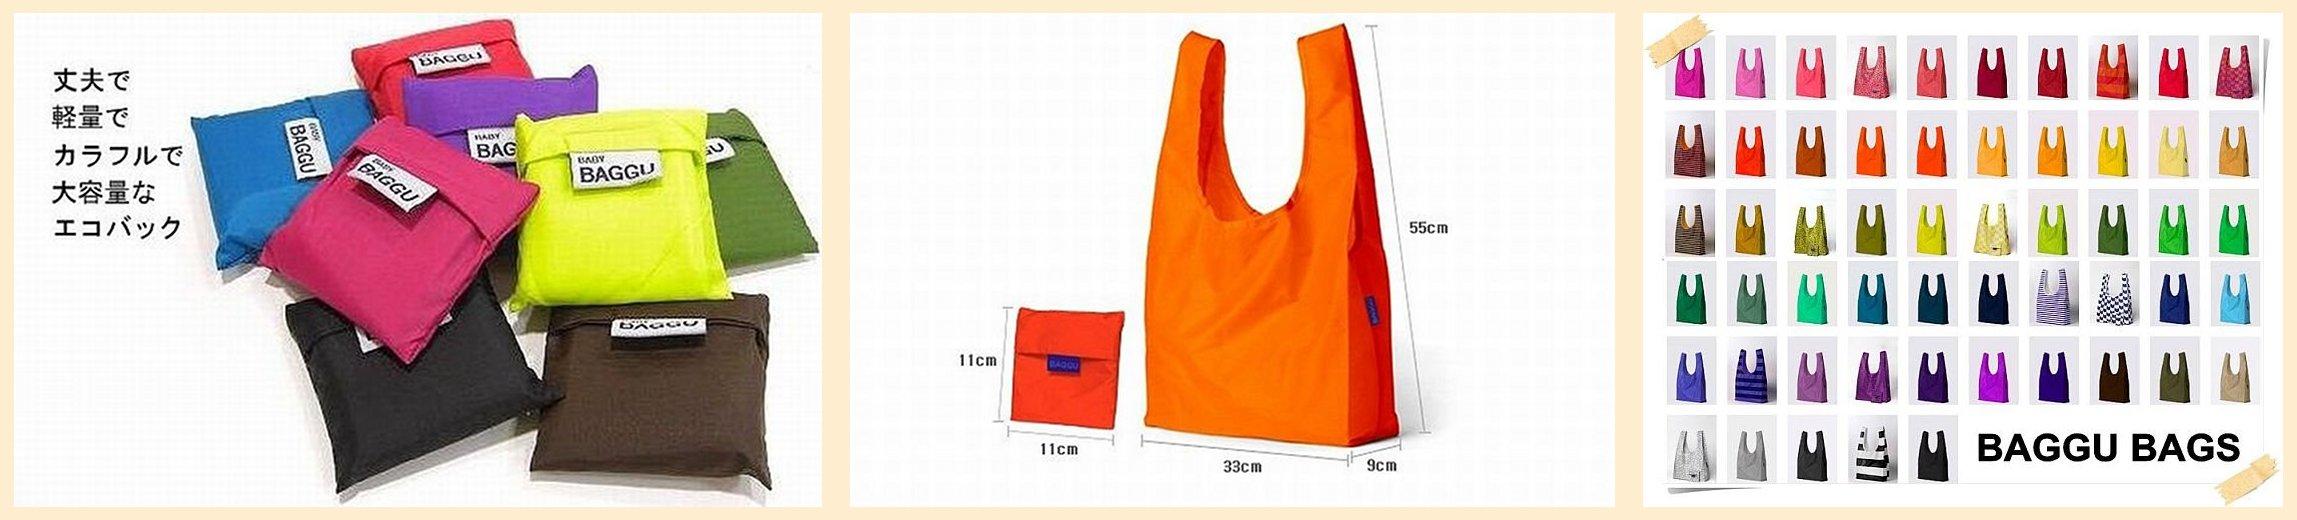 Qoo10 Fashionable Eco Tote Bag